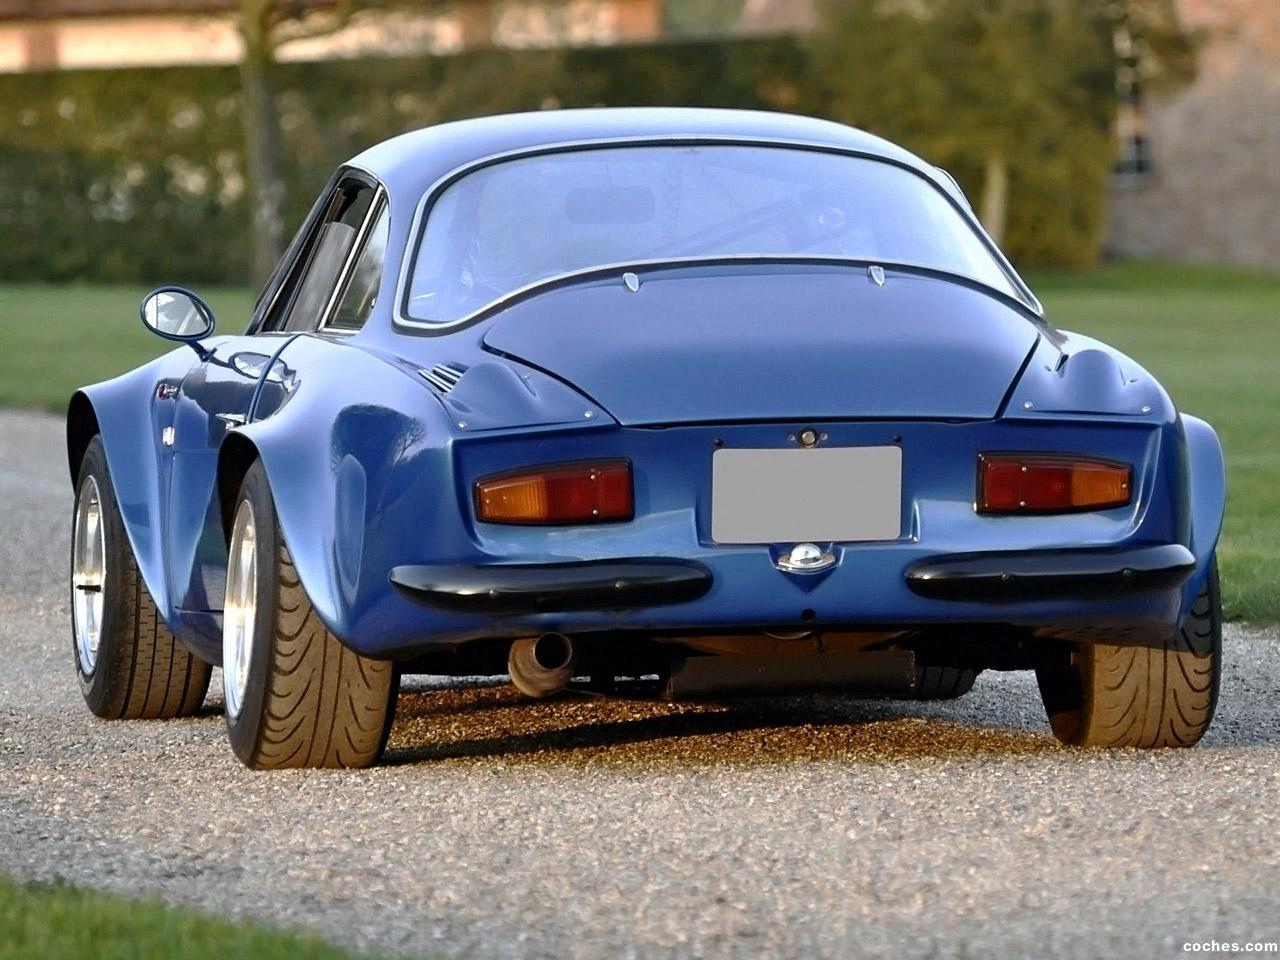 Foto 1 de Renault A110 1300 Group 4 1971